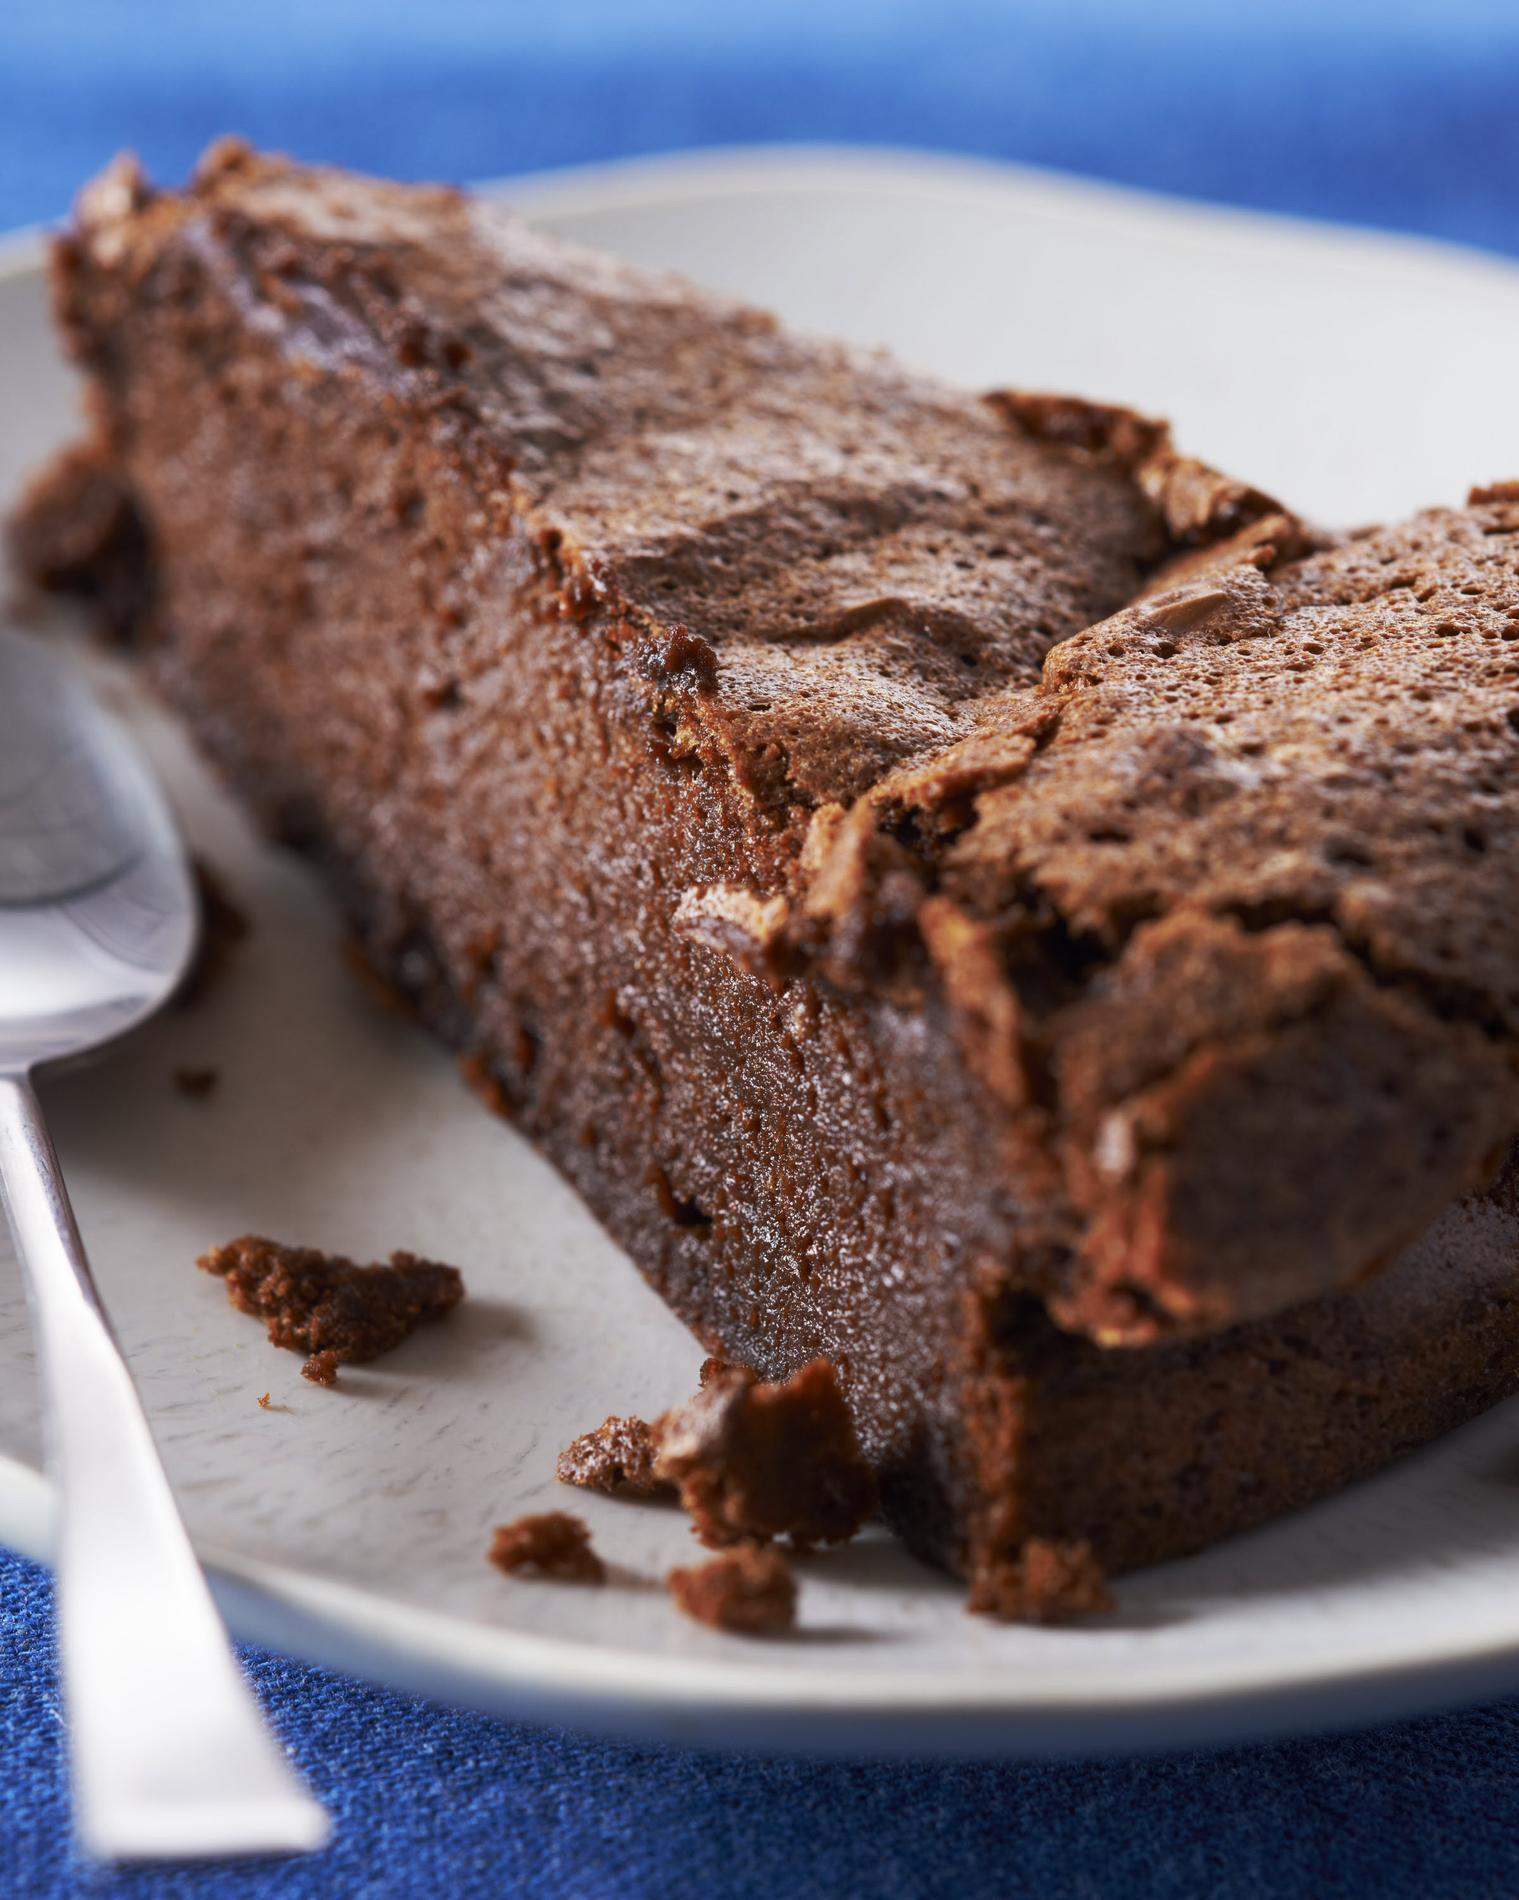 Recette fondant au chocolat sans gluten cuisine madame figaro - Recette du fondant au chocolat ...